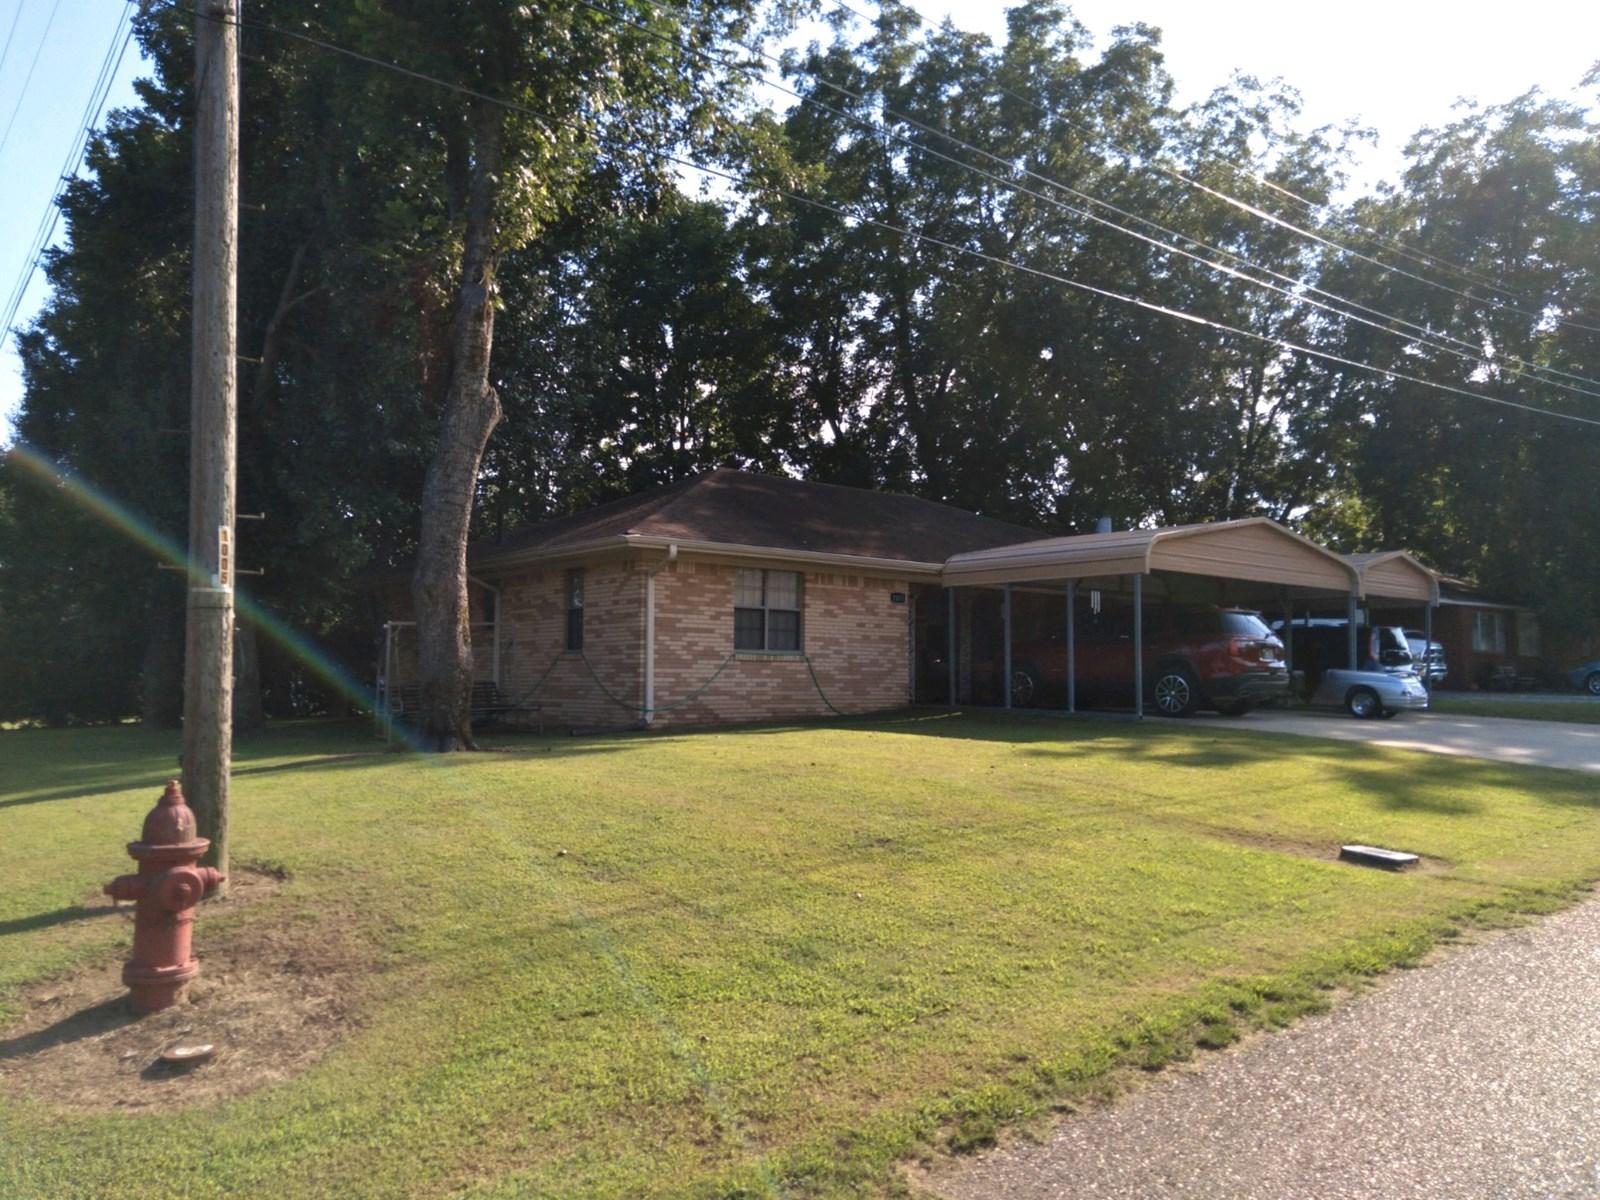 4 bedroom,2 bath Brick house in Rector AR 72461